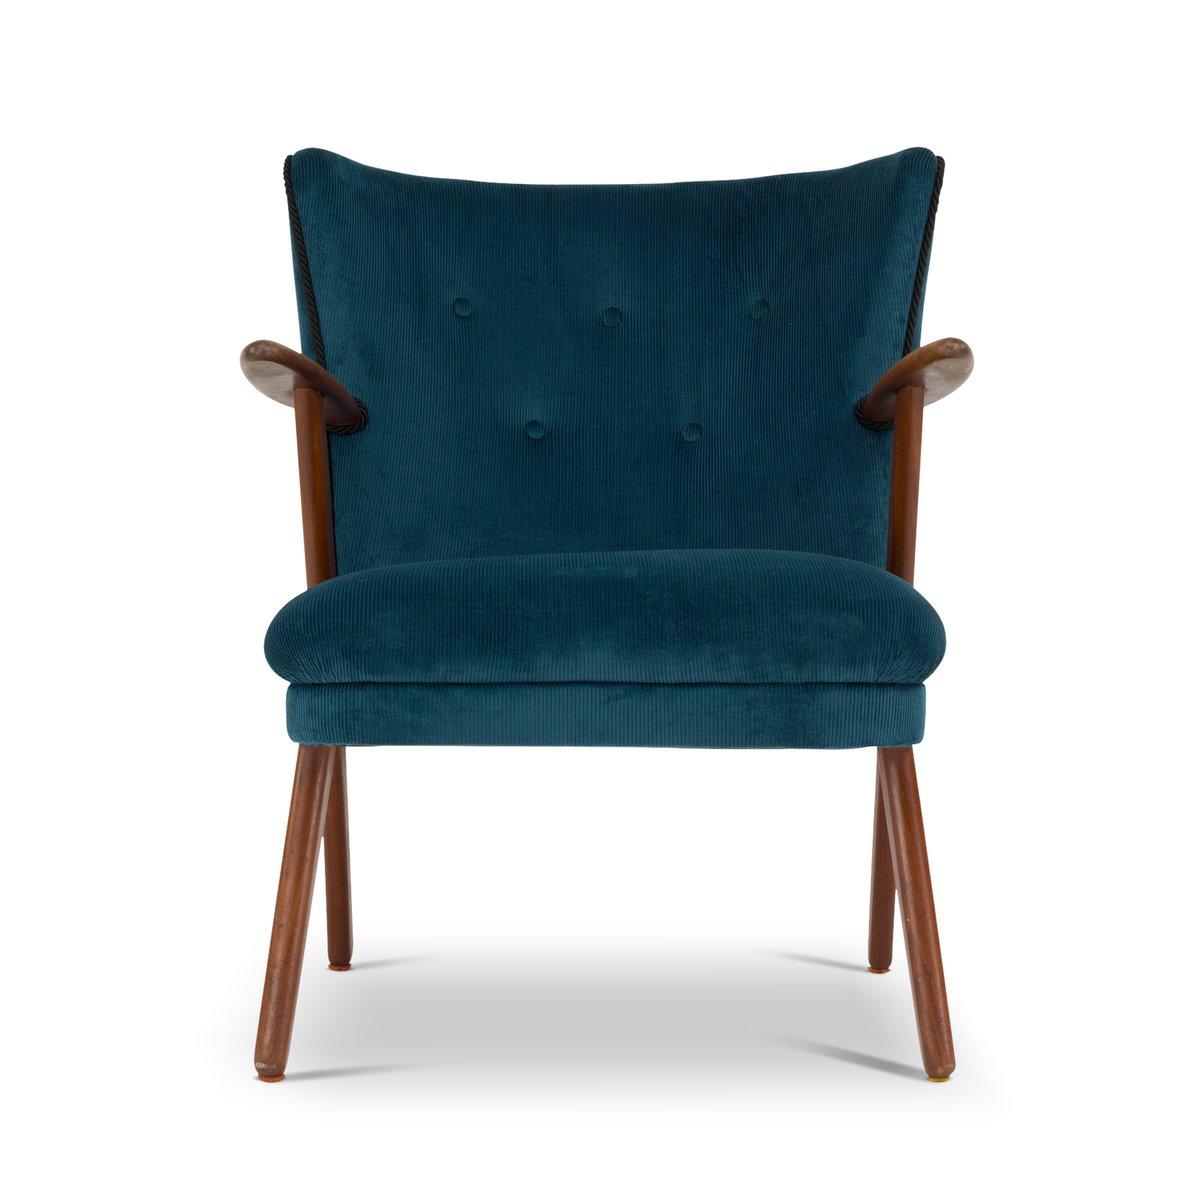 Dänischer Mid-Century Cocktail Chair in Blau & Grün, 1960er